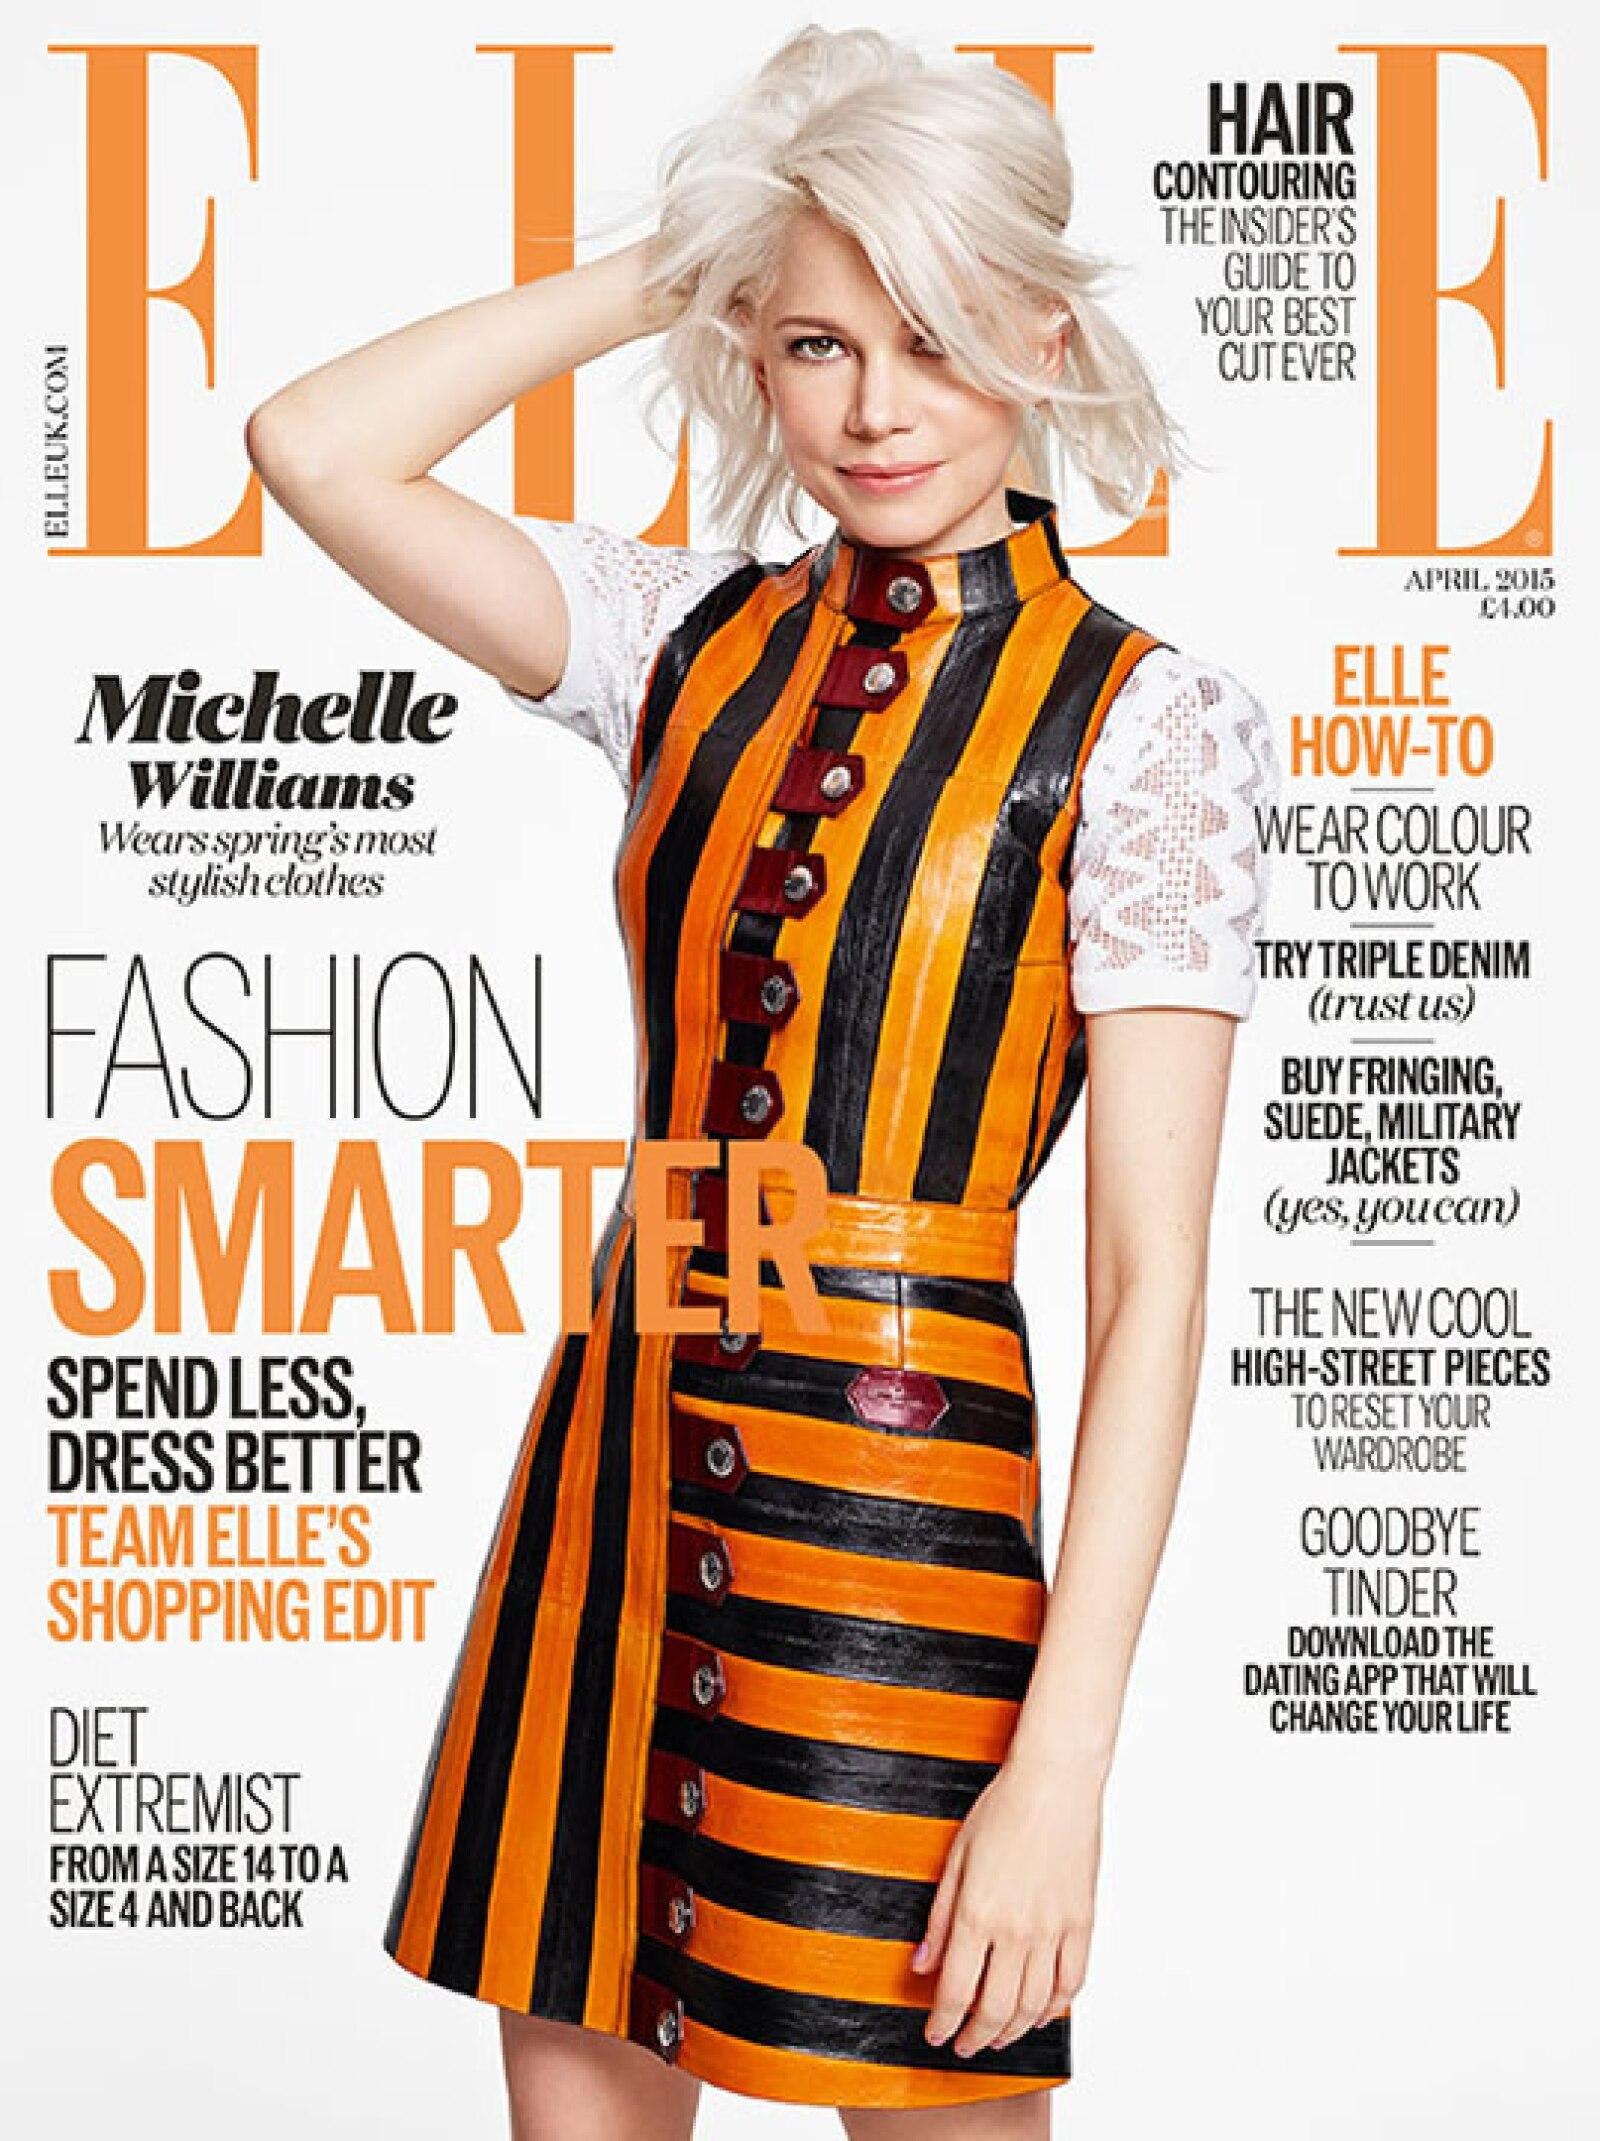 La actriz Michelle Williams es la portada de ELLE UK, usando un vestido de rayas naranjas y negras de Louis Vuitton, y fotografiada por Kerry Hallihan.